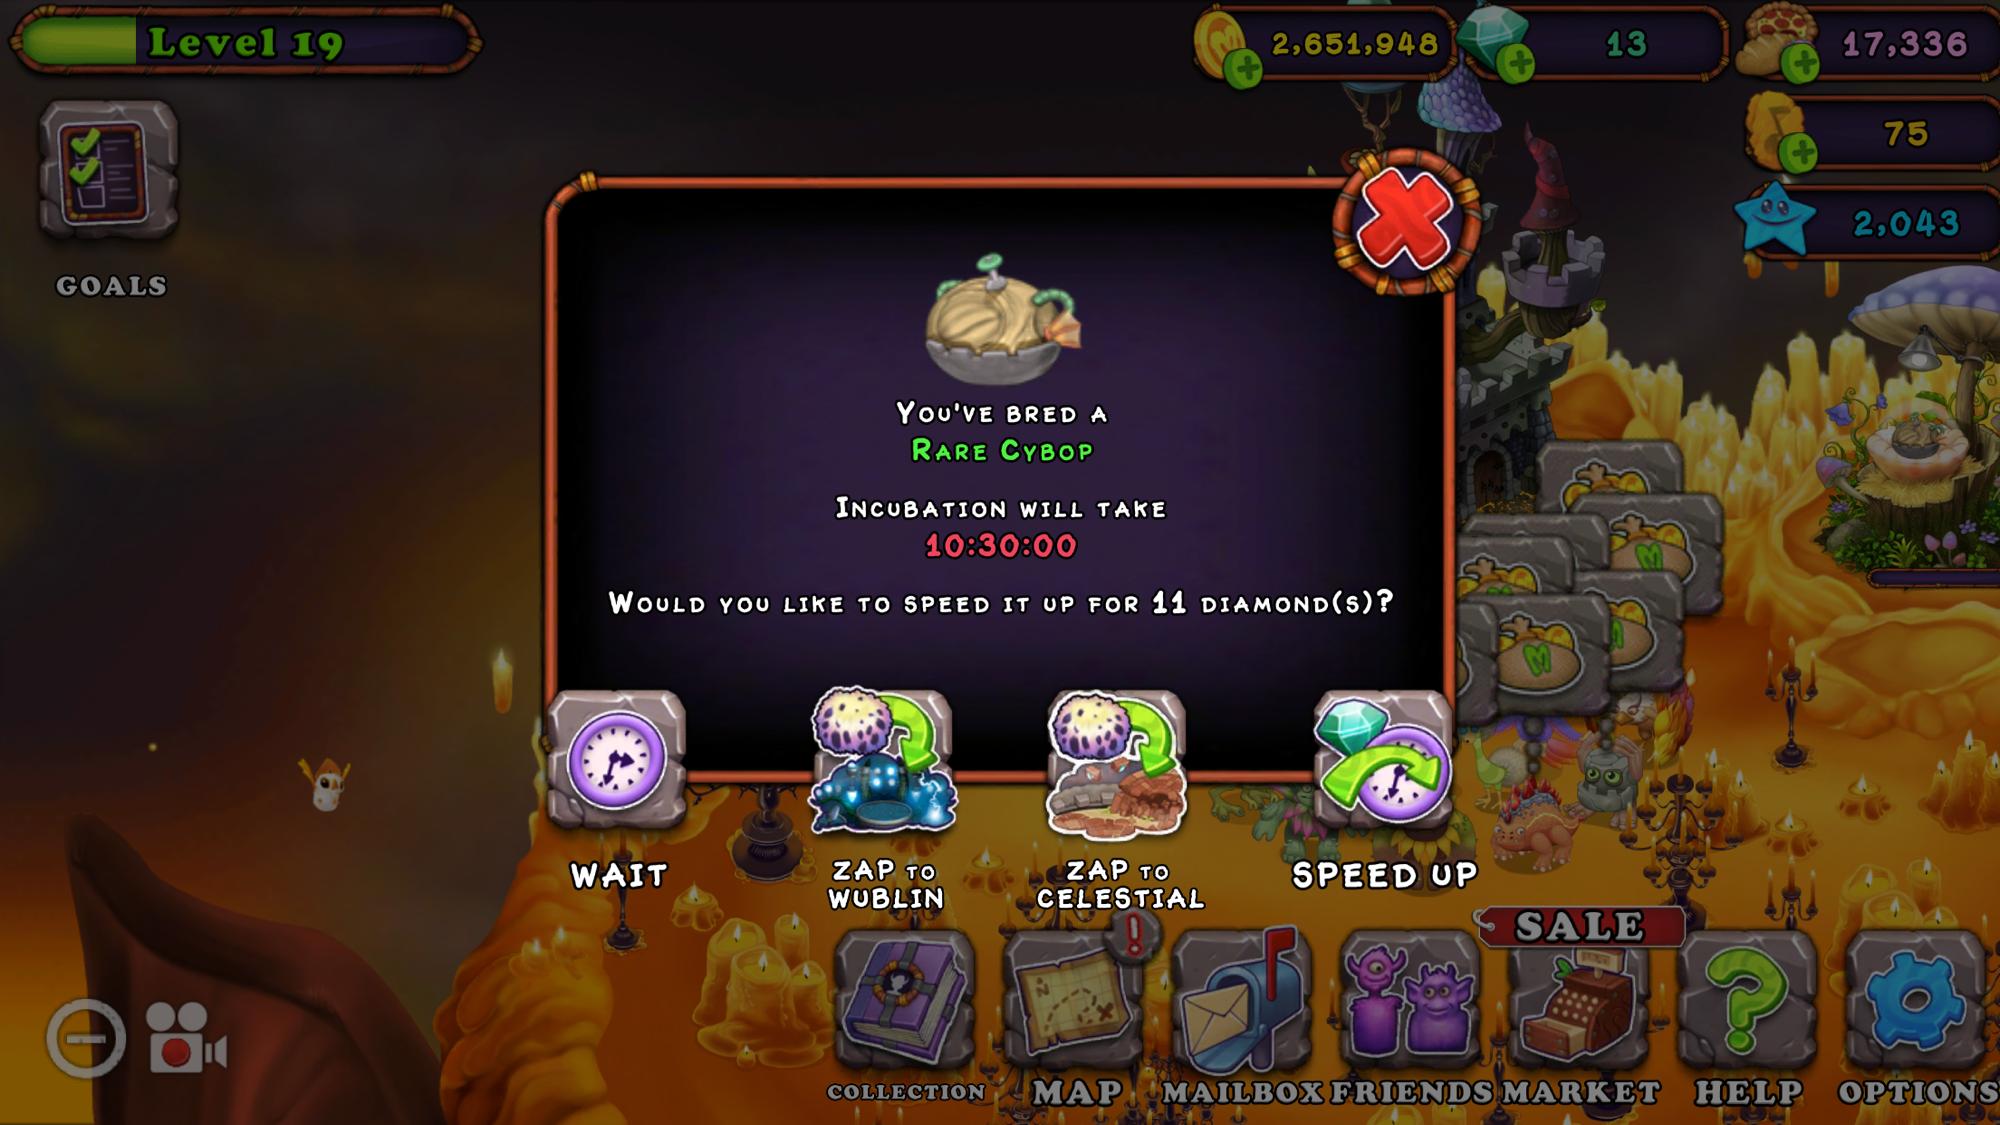 I Got Rare Cybop!!